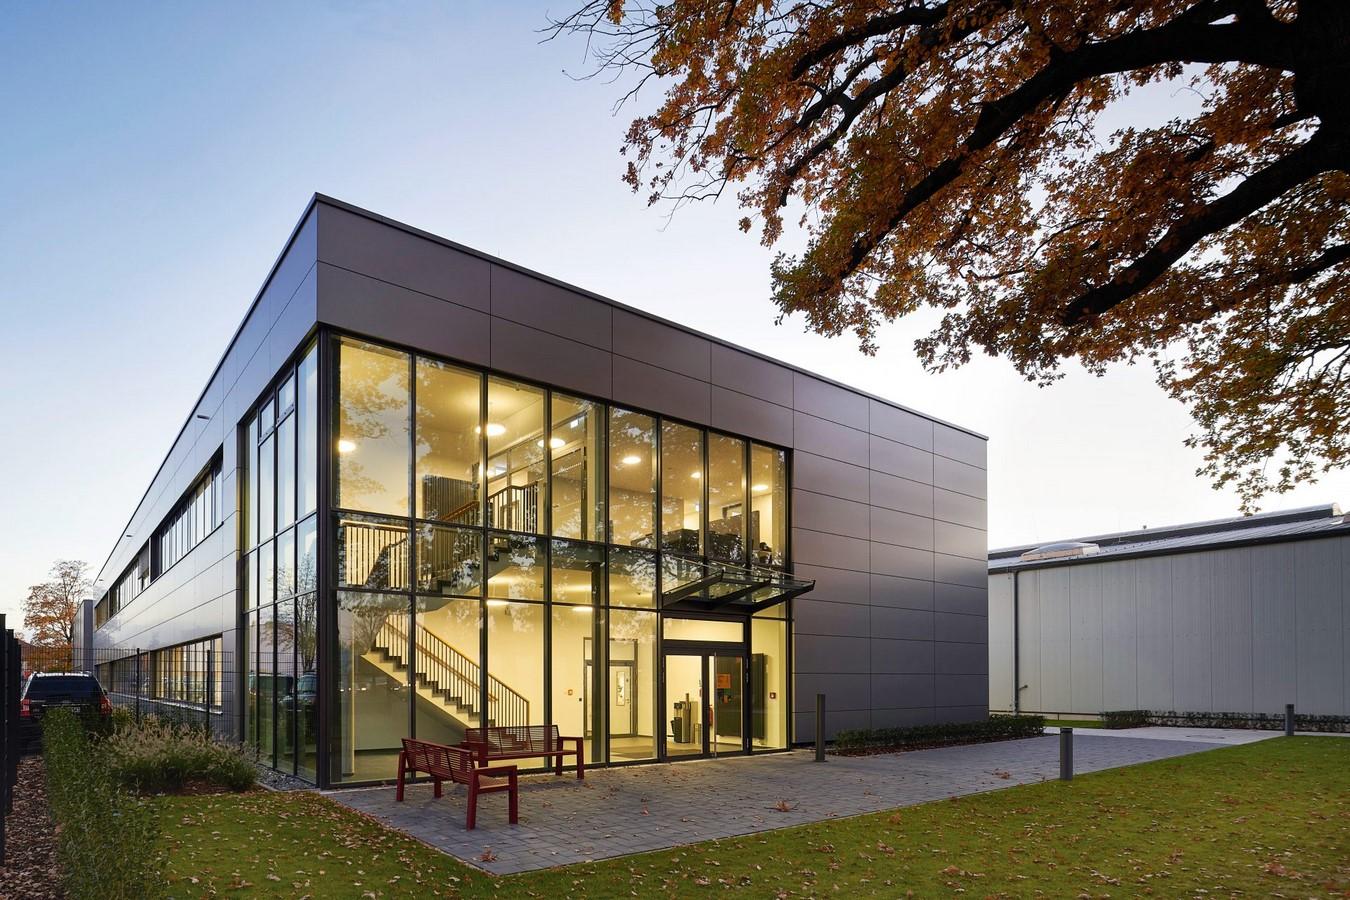 Architects in Hannover - Top 60 Architects in Hannover - Sheet55